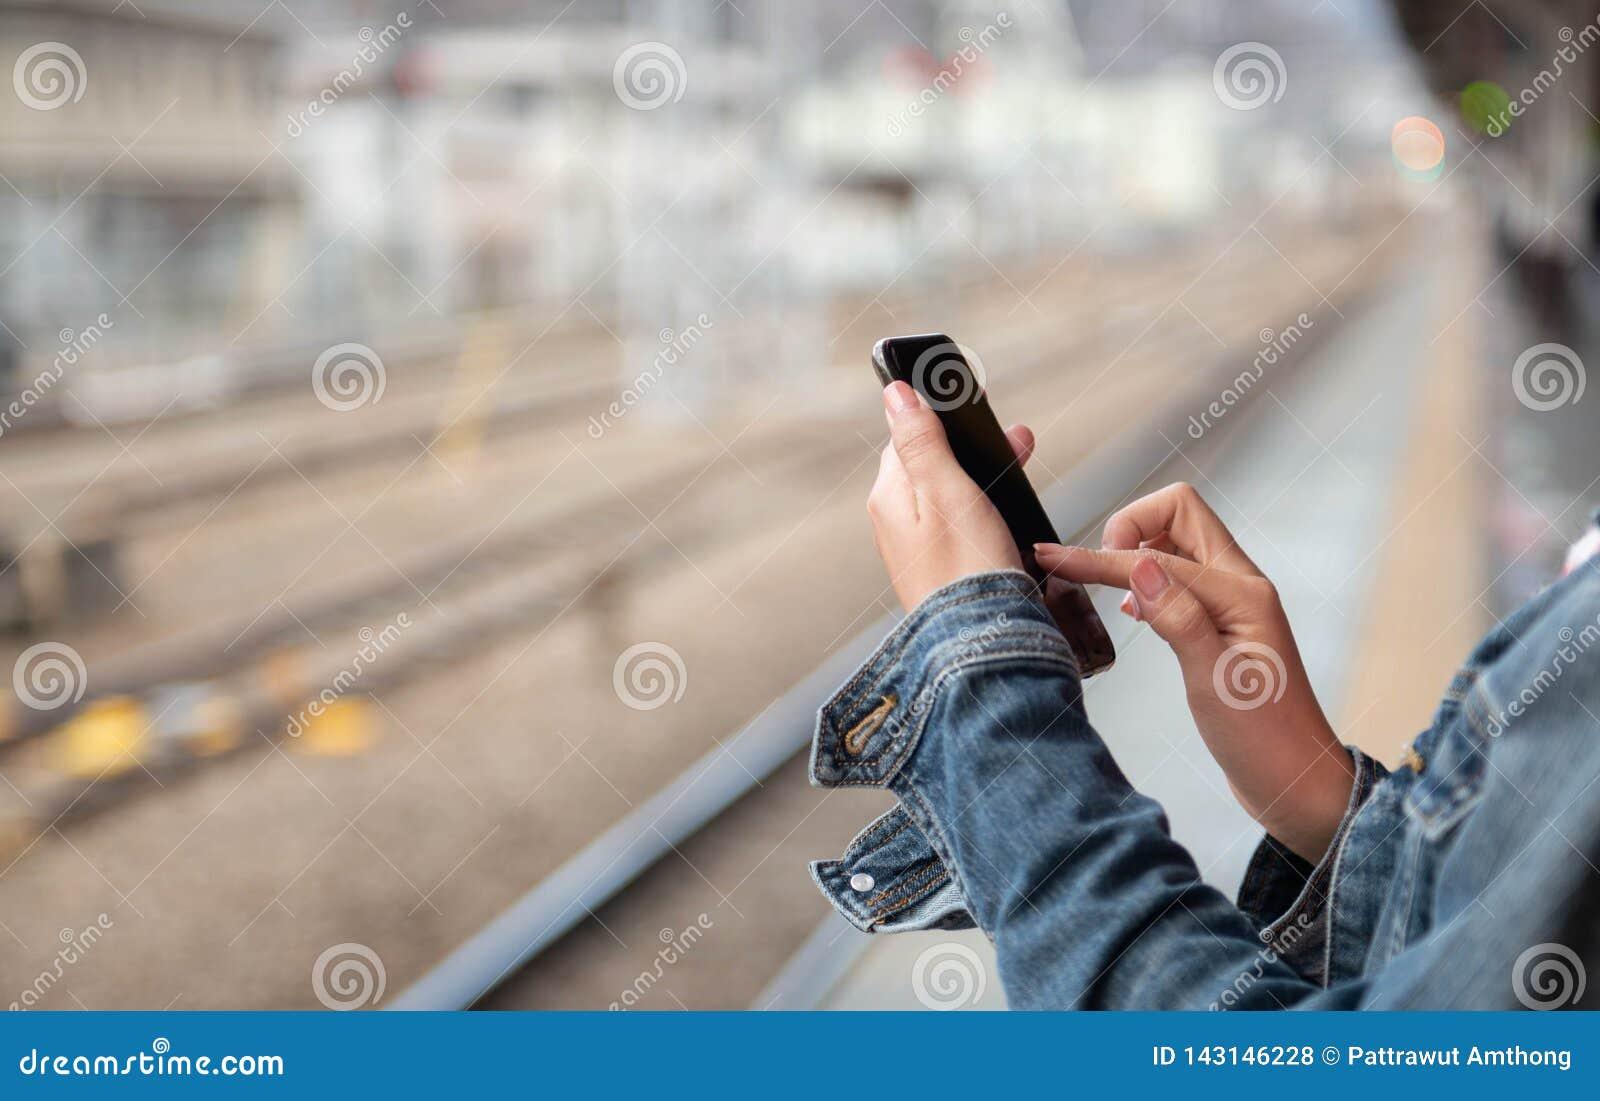 La mujer está leyendo el mensaje de texto en el teléfono móvil